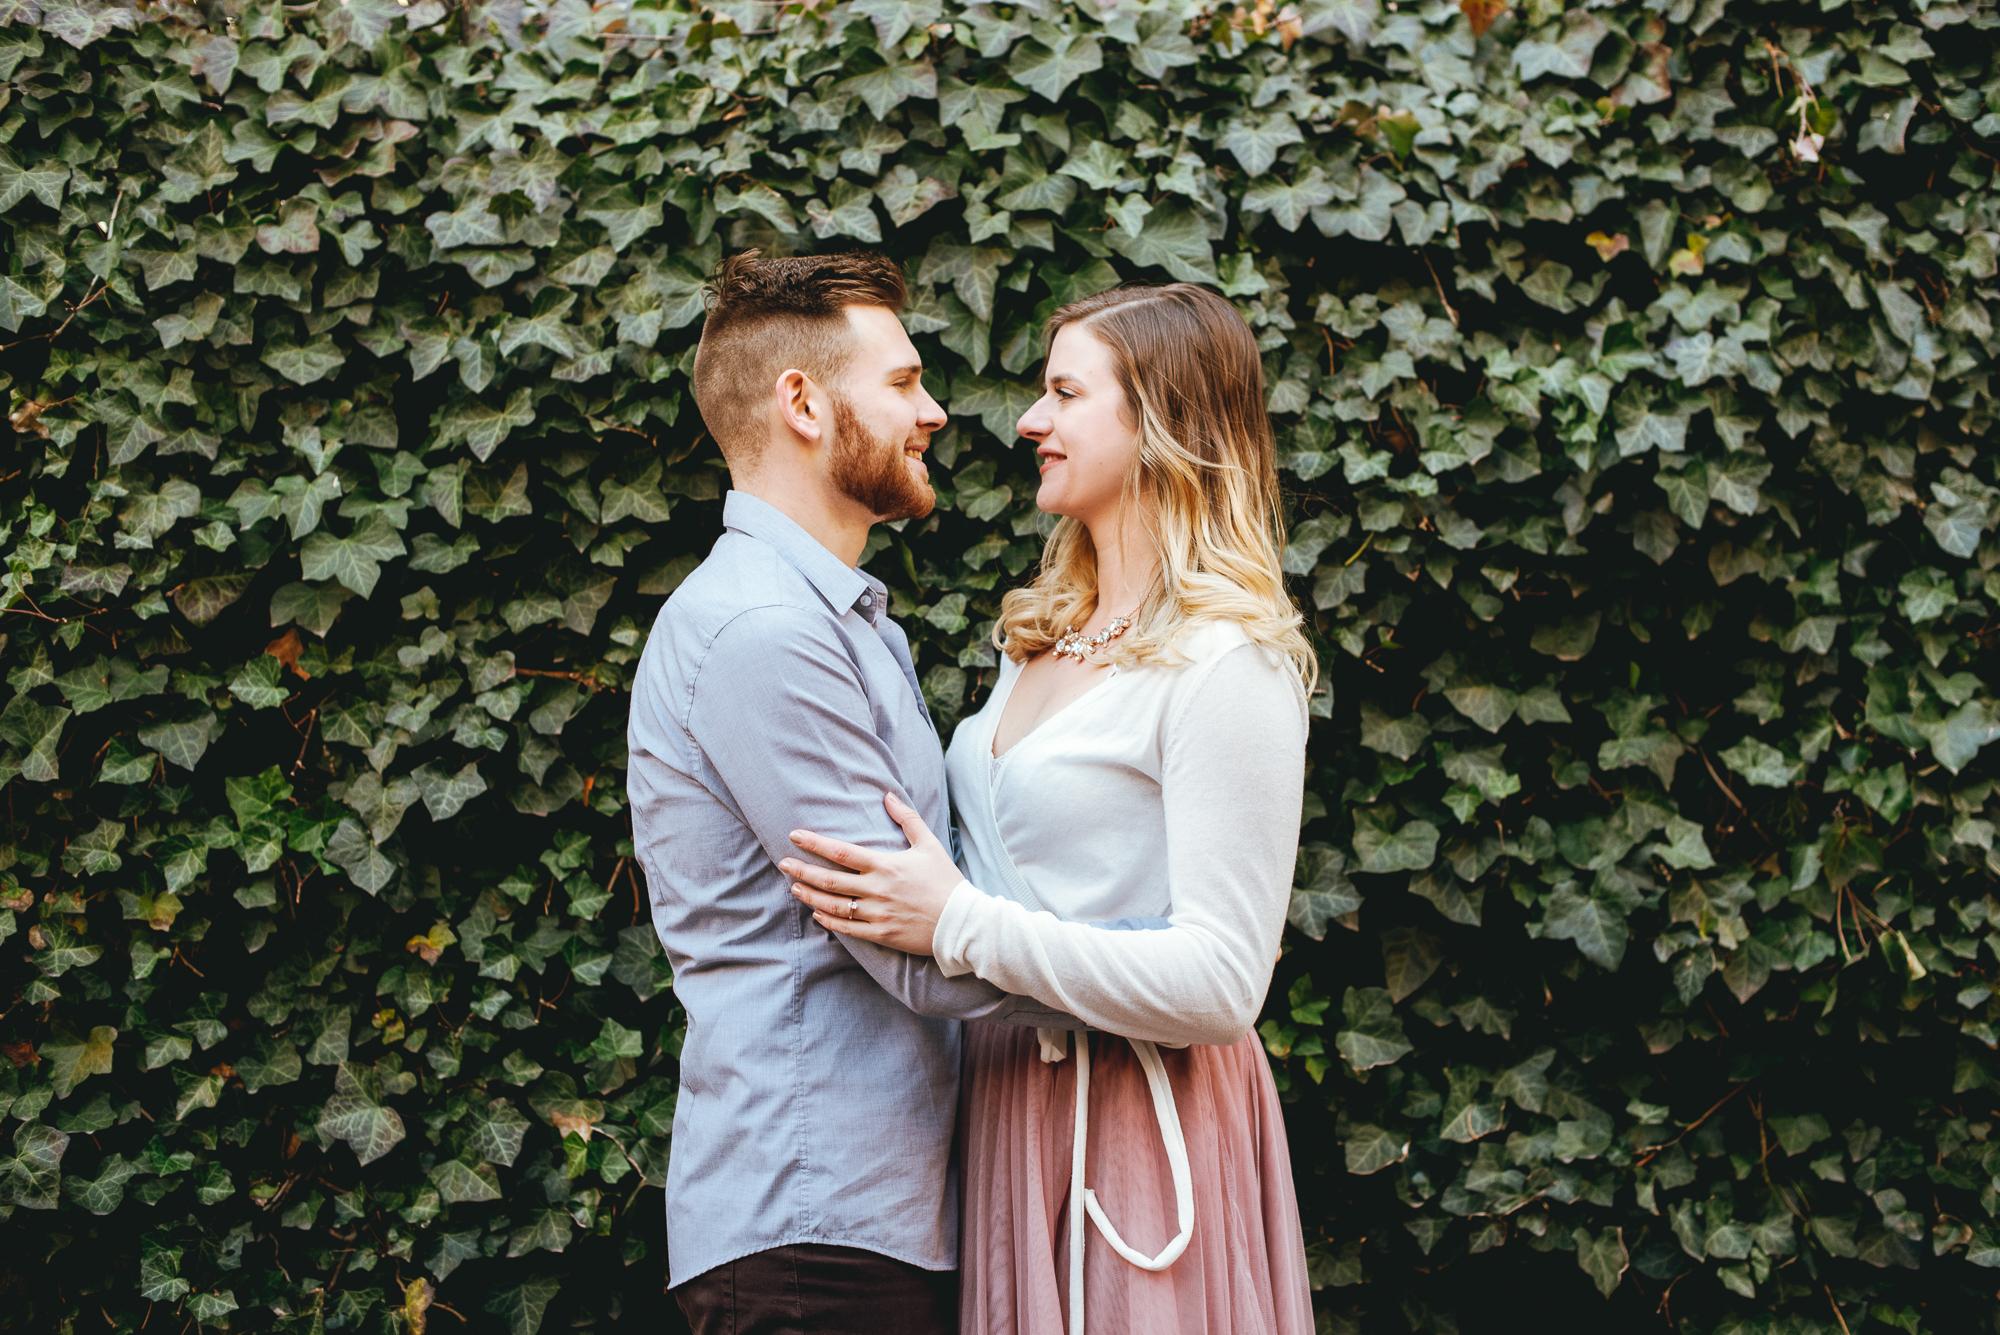 Philadelphia-PA-Engagement-Photographer-Peaberry-Photo-Wedding-Photography-18.jpg